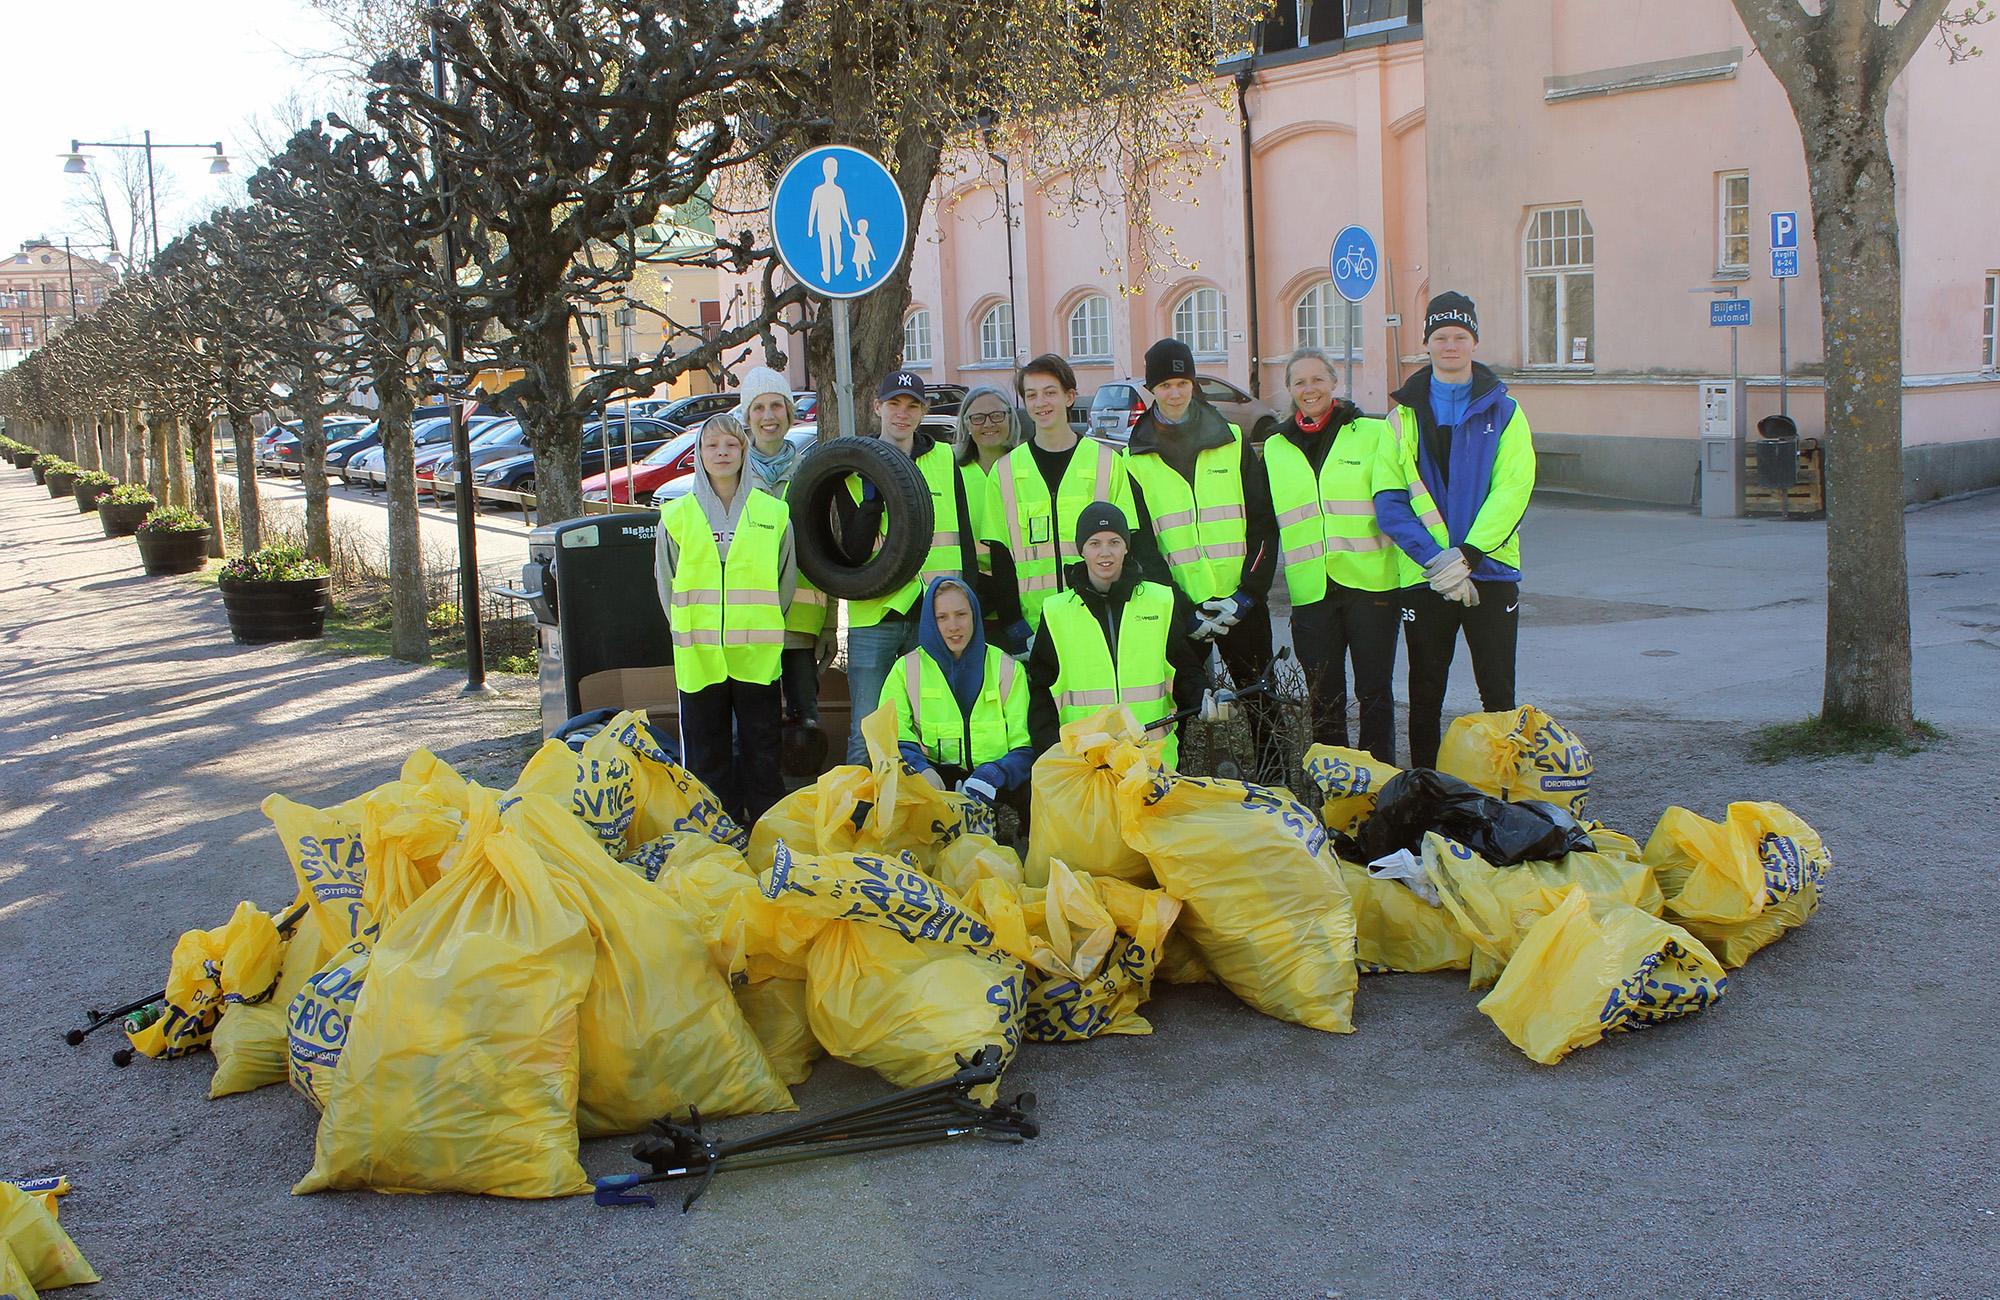 Lokala föreningar städar Uppsala under Valborg